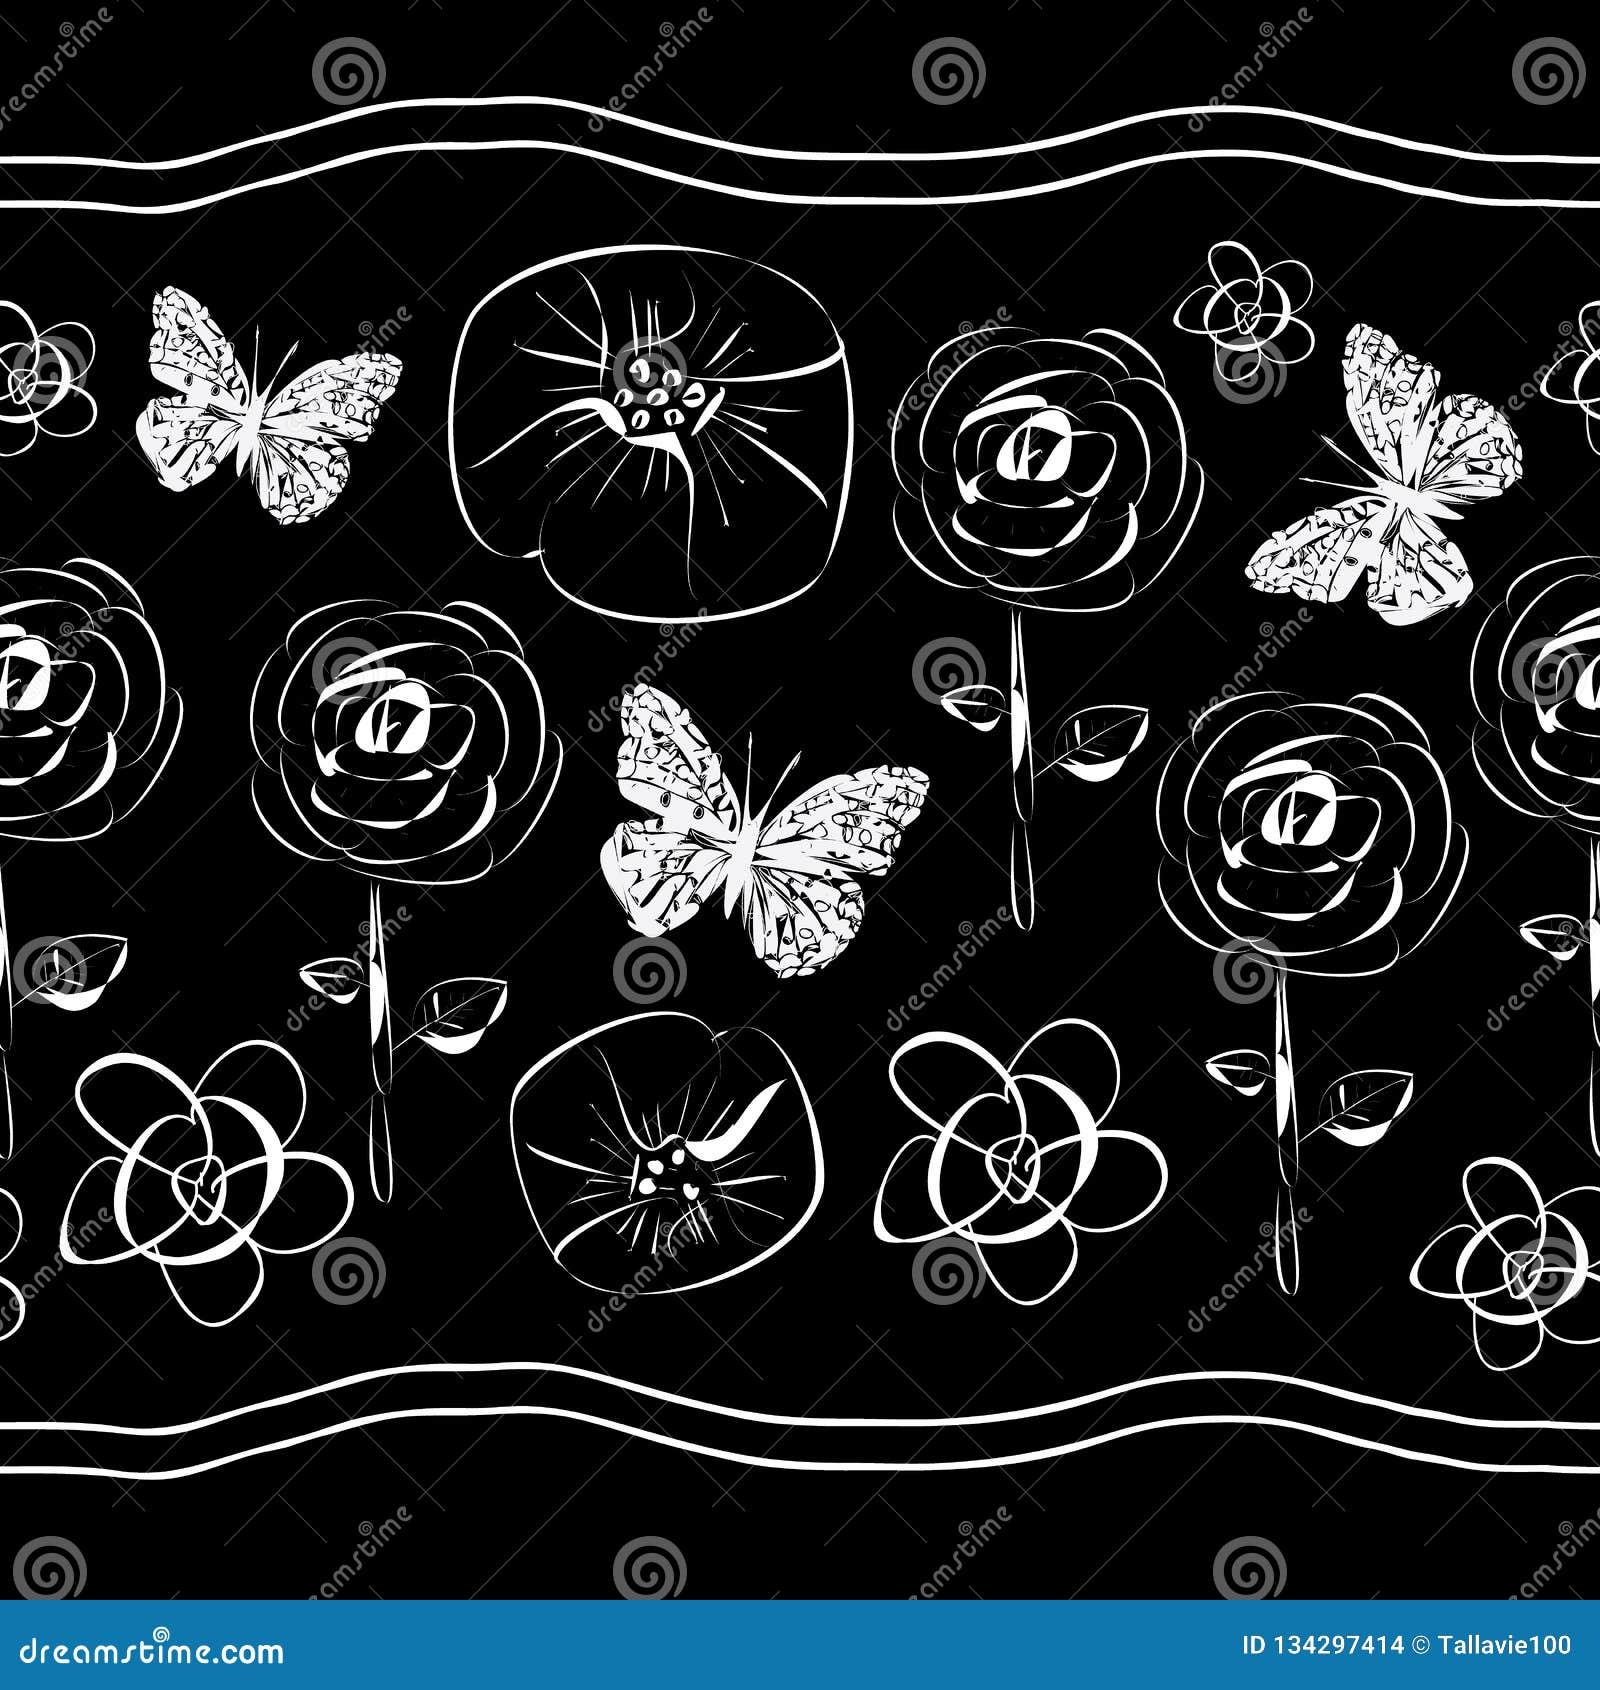 Blumen und Schmetterling-Blumen in Blüte seamles Wiederholungs-Muster Hintergrund in Schwarzweiss